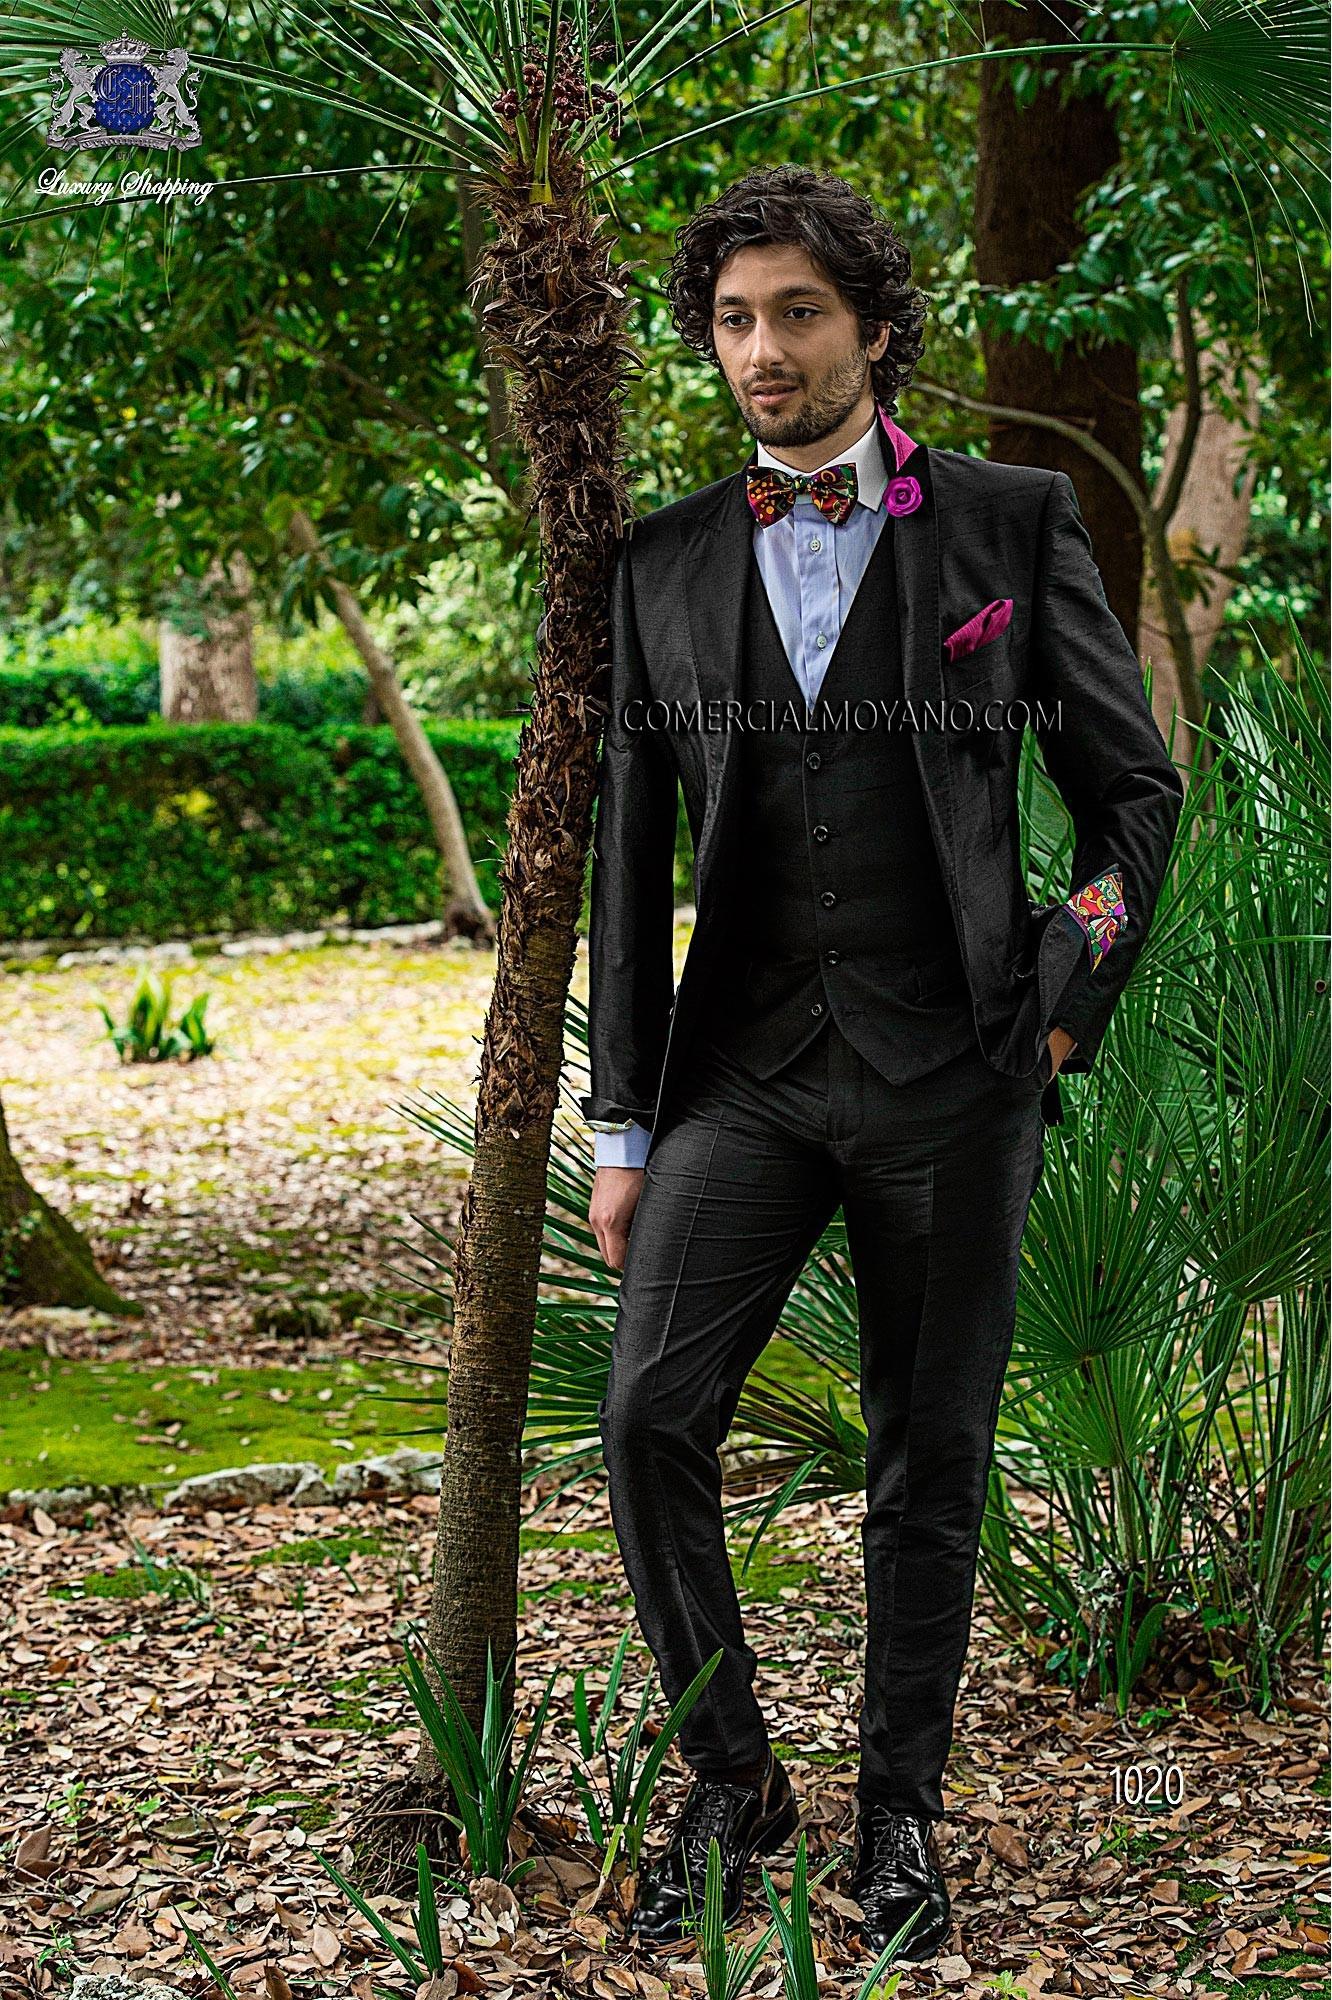 Traje de novio Hipster negro modelo: 1020 Ottavio Nuccio Gala colección Hipster